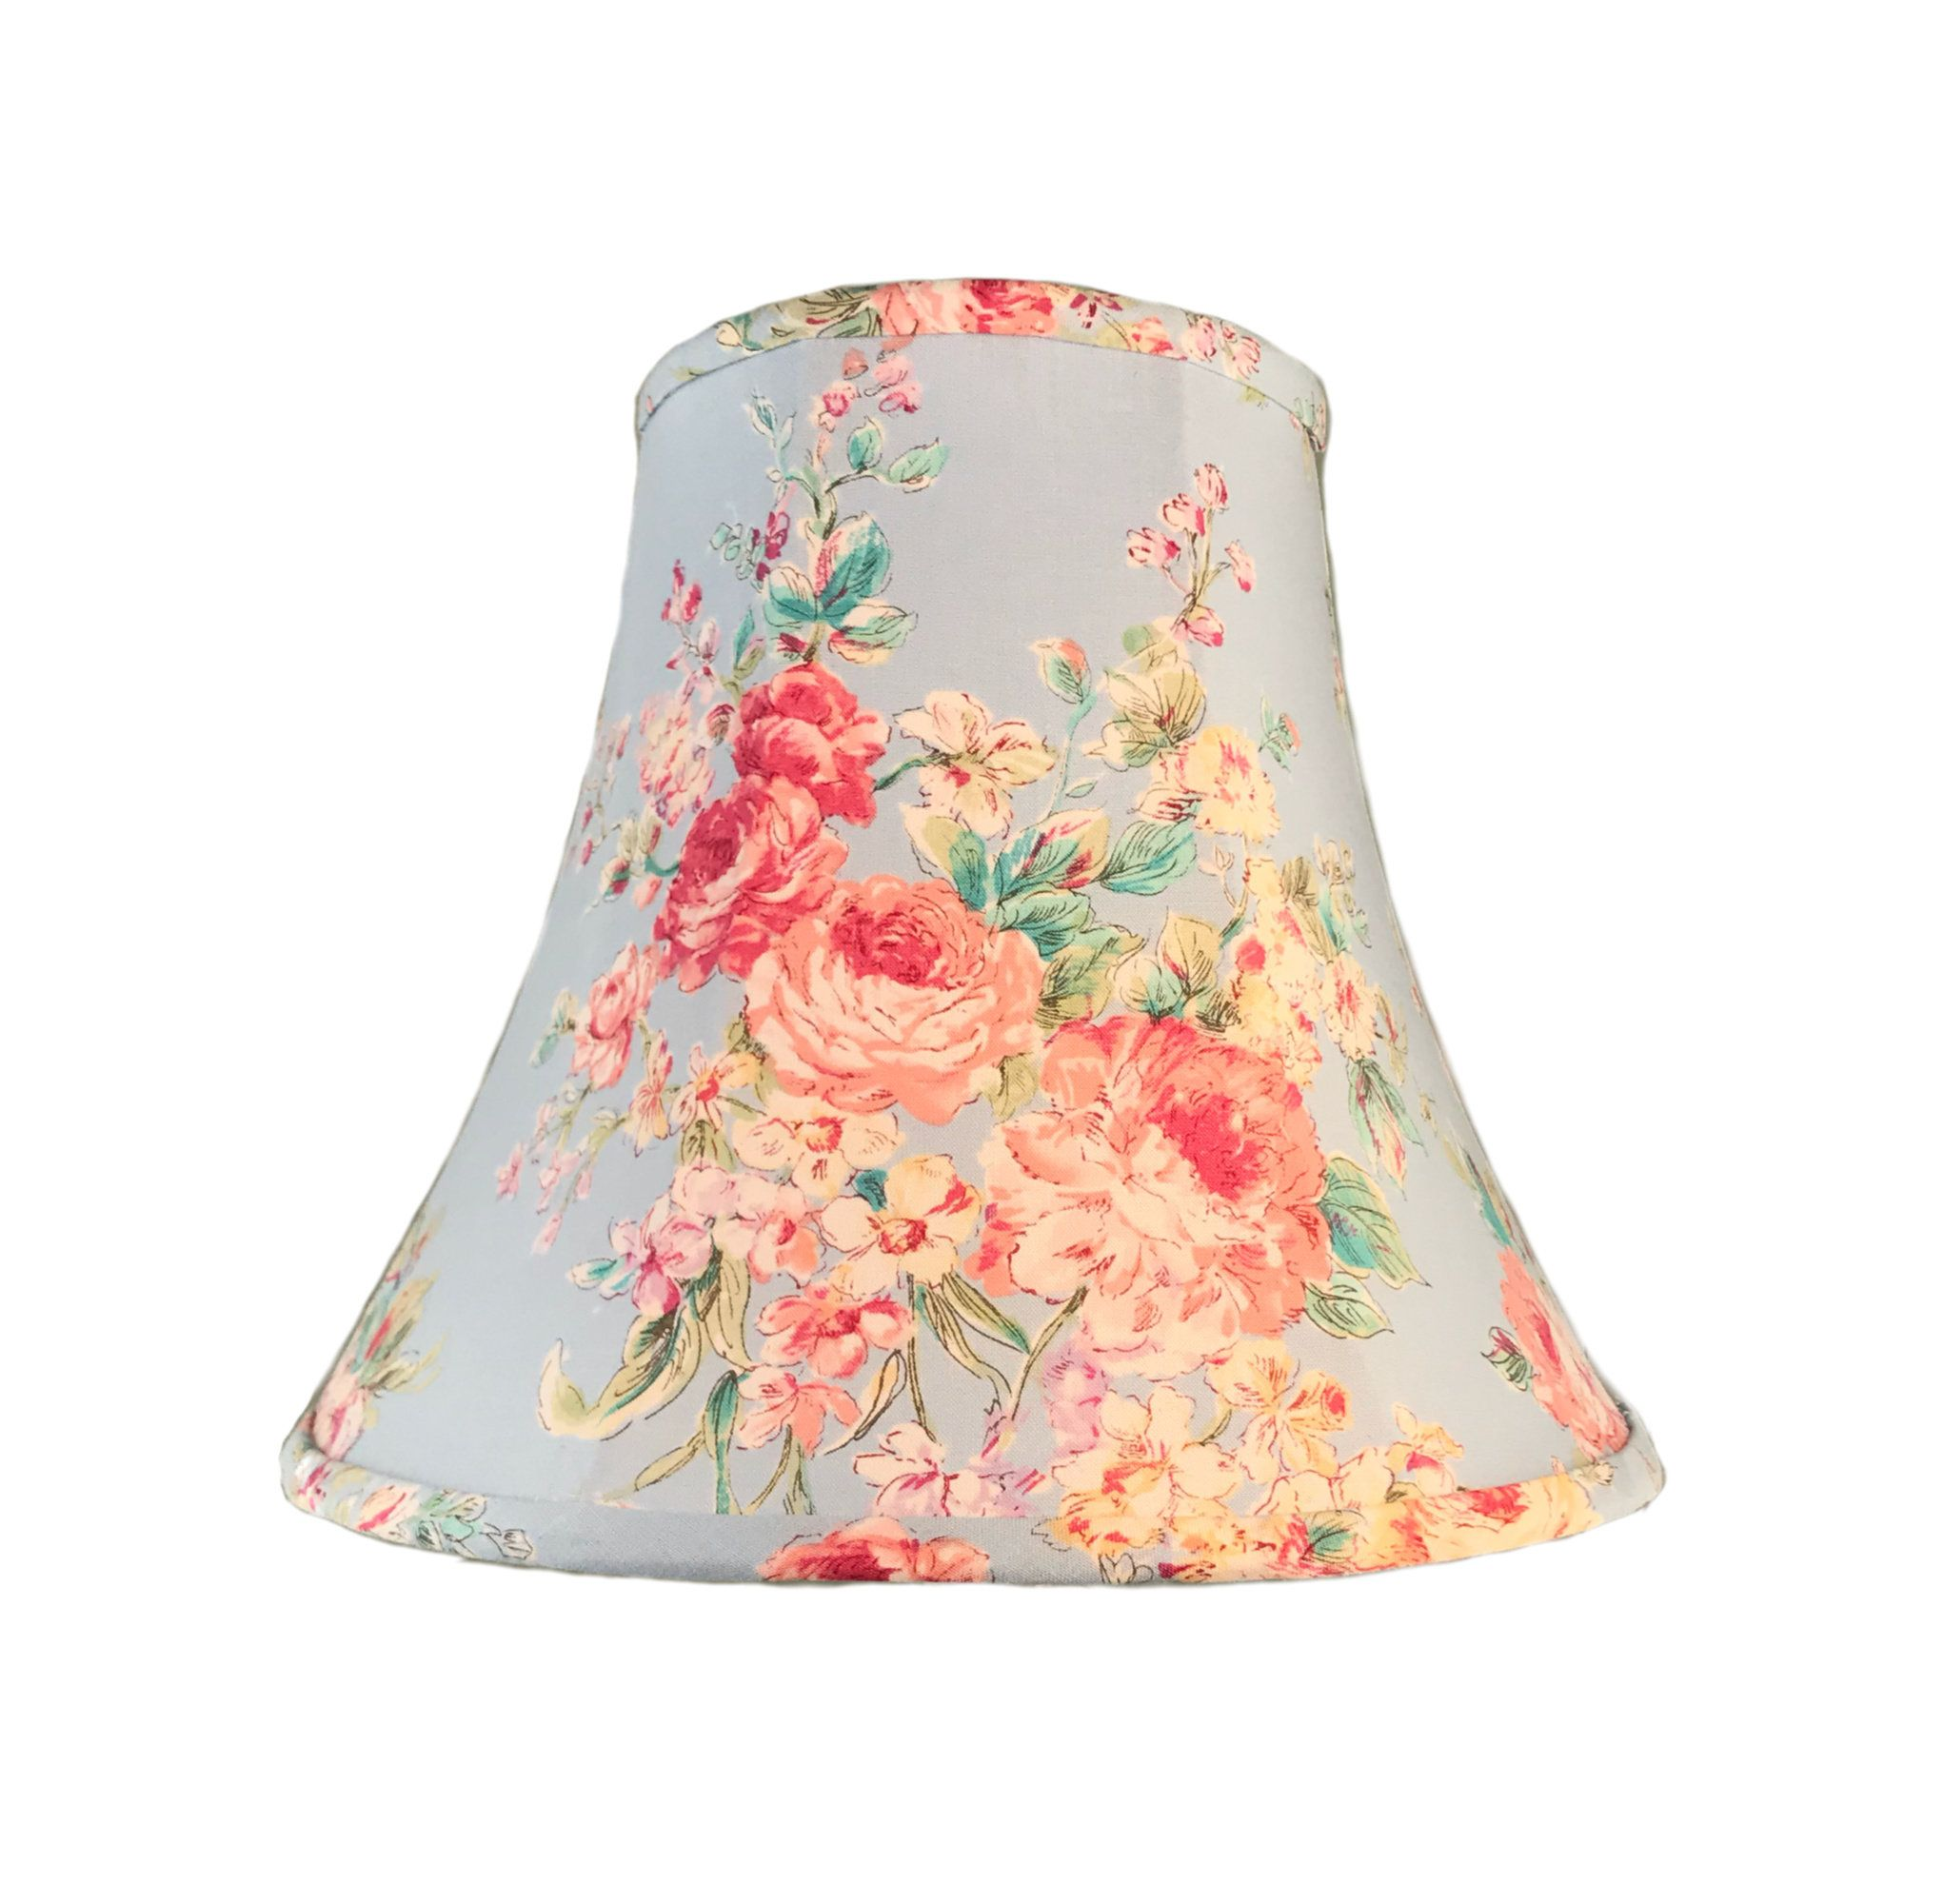 Shabby Chic Lamp Shade Floral Lamp Shade Cottage Lamp Shade Blue Lamp Shade Rose Lamp Shade Free S In 2020 Blue Lamp Shade Rose Lamp Shade Shabby Chic Lamp Shades